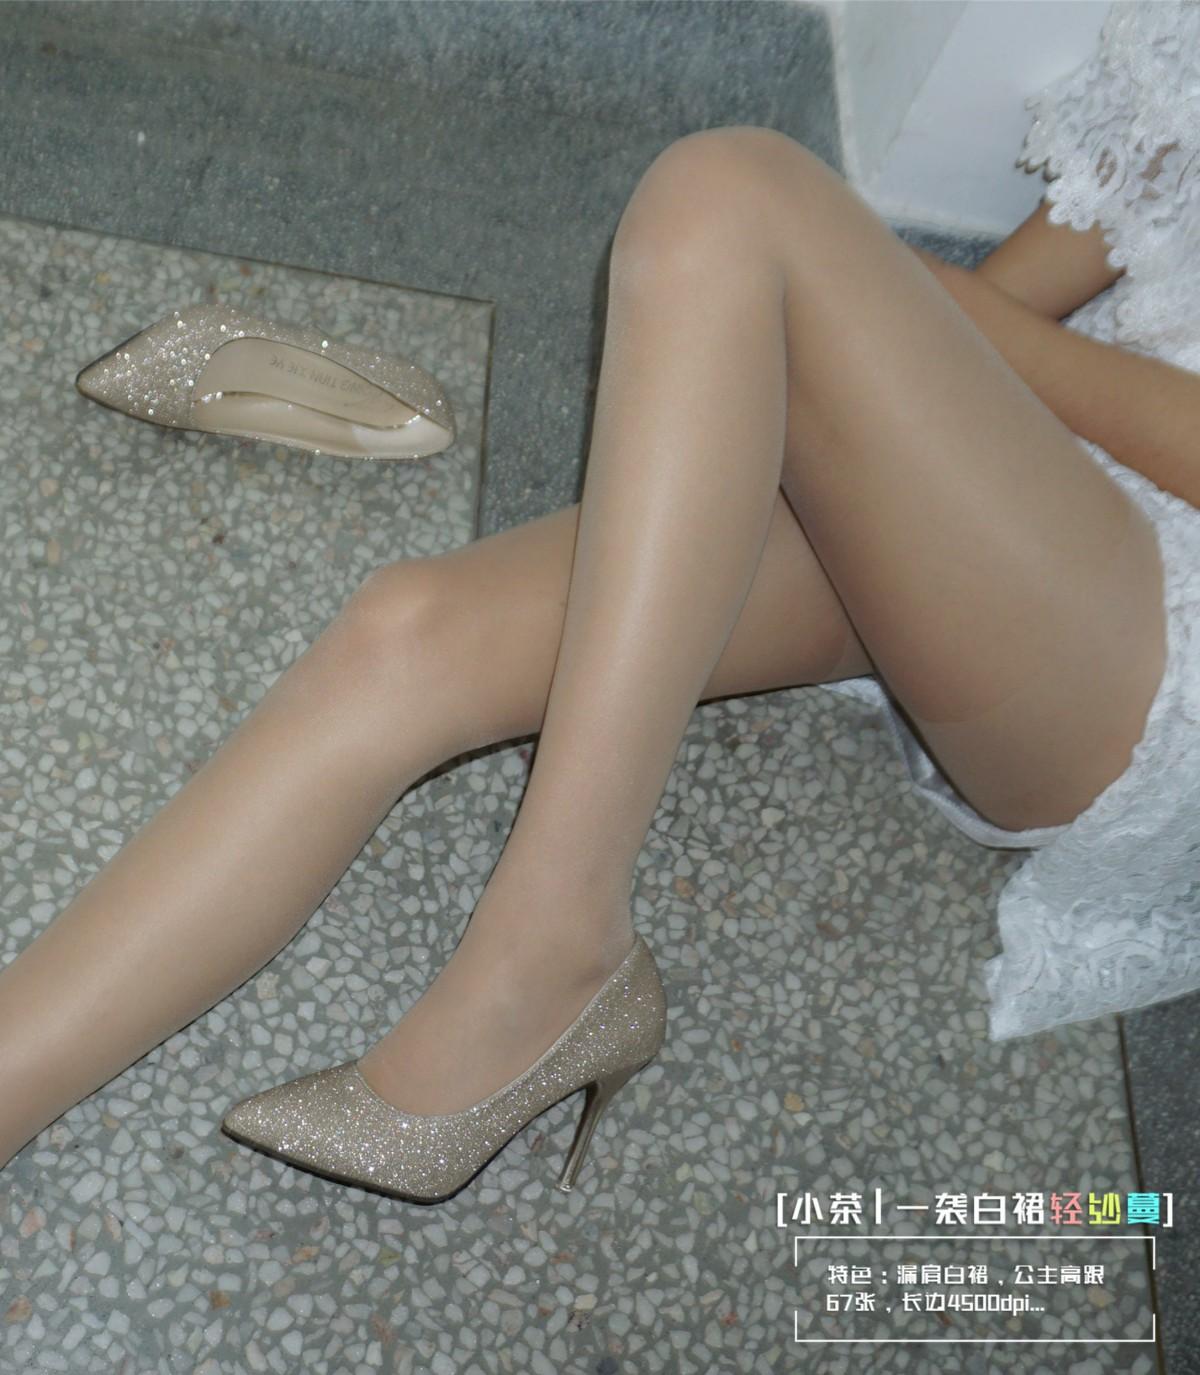 [妖精视觉]小茶 一袭白裙轻纱蔓[68P] 妖精视觉 第3张